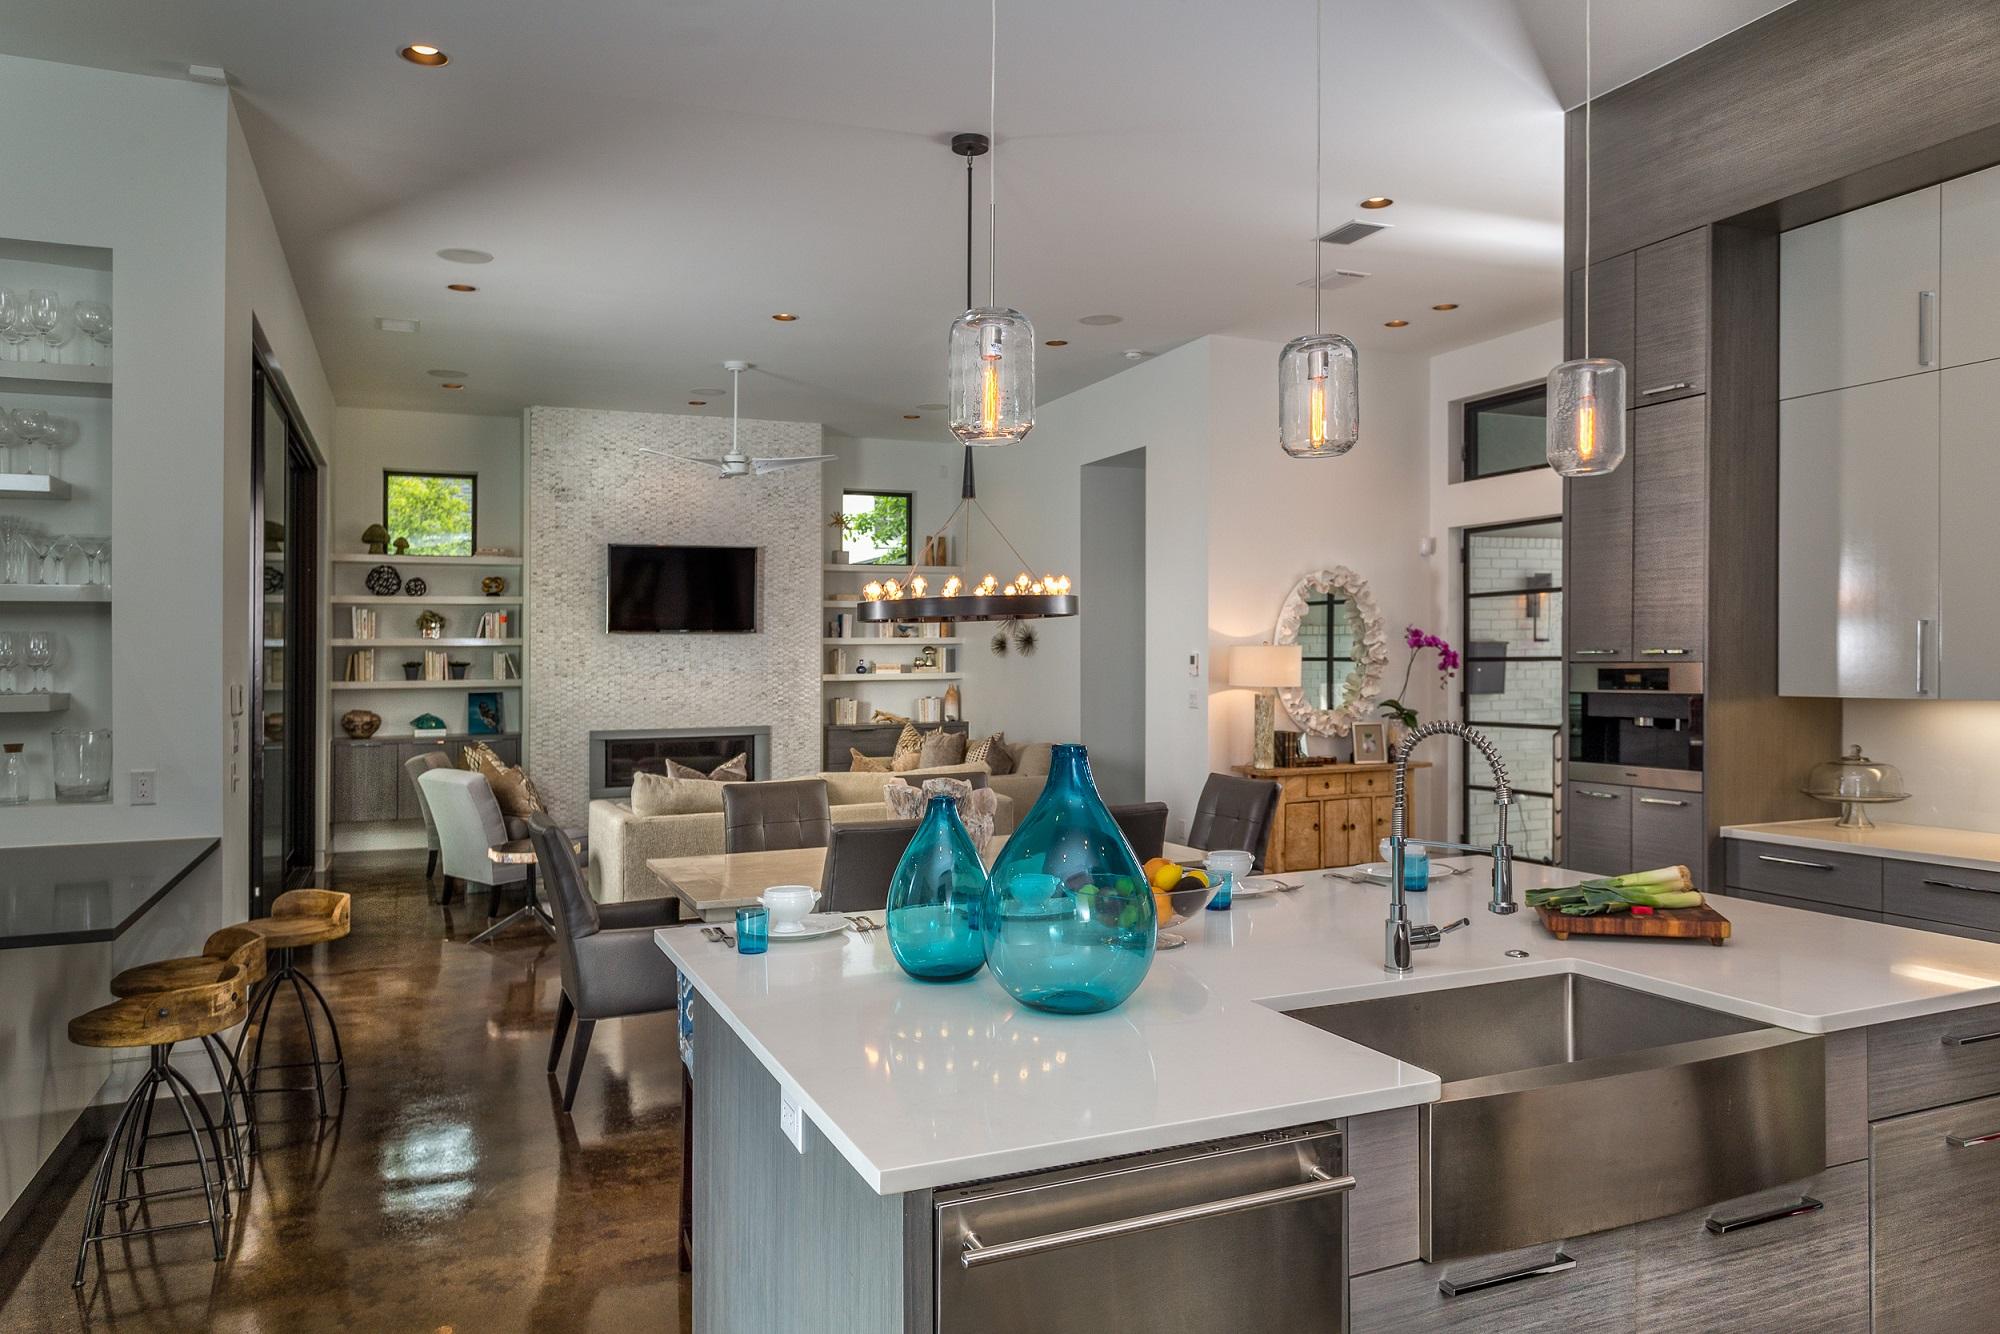 ethridge-kitchen-island